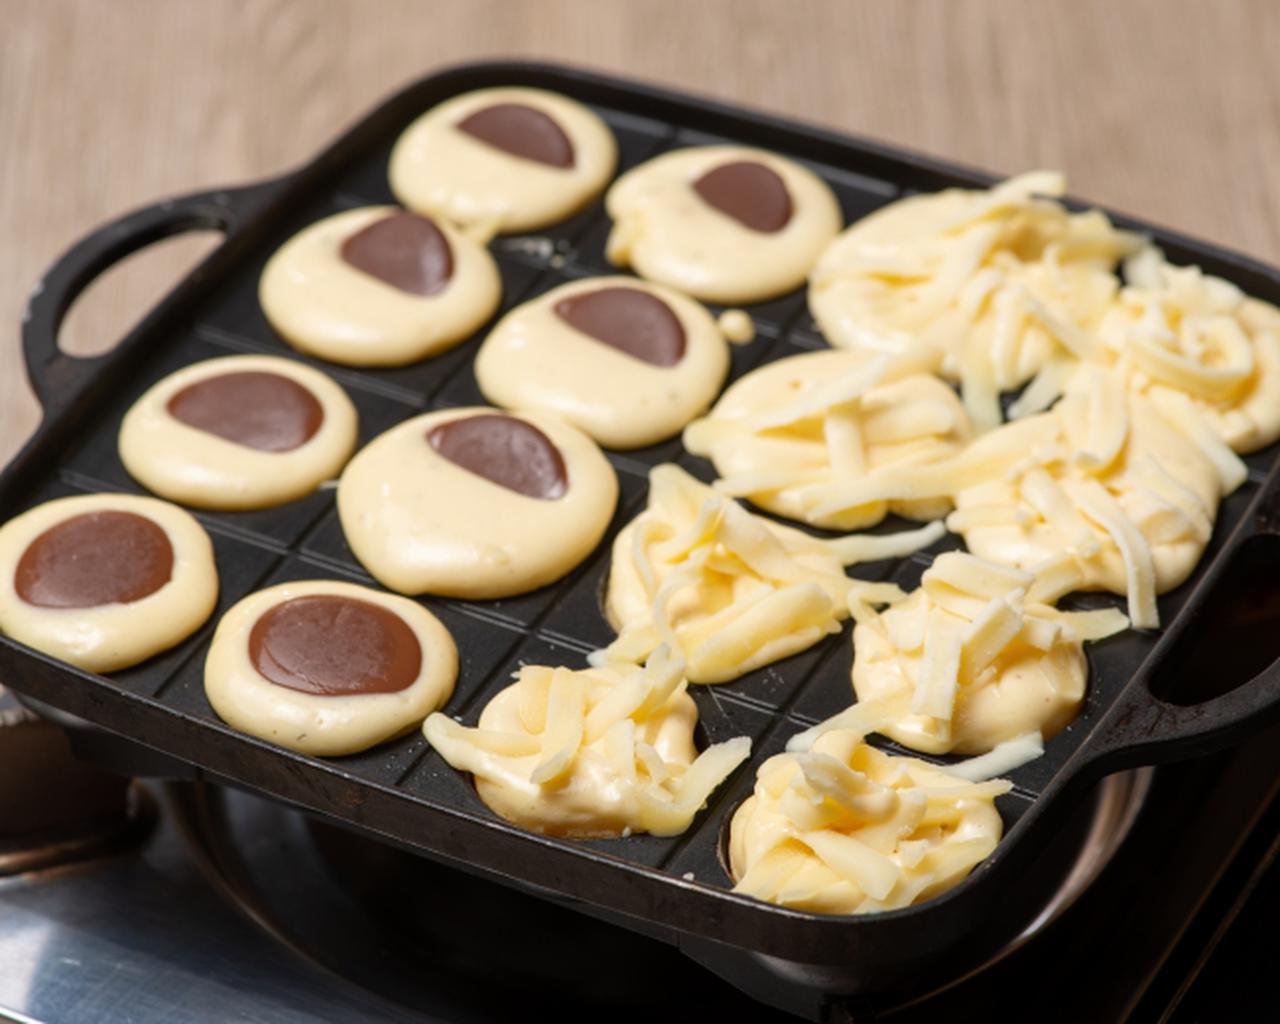 画像1: 居酒屋「トサカモミジ」チーズボール食べ放題